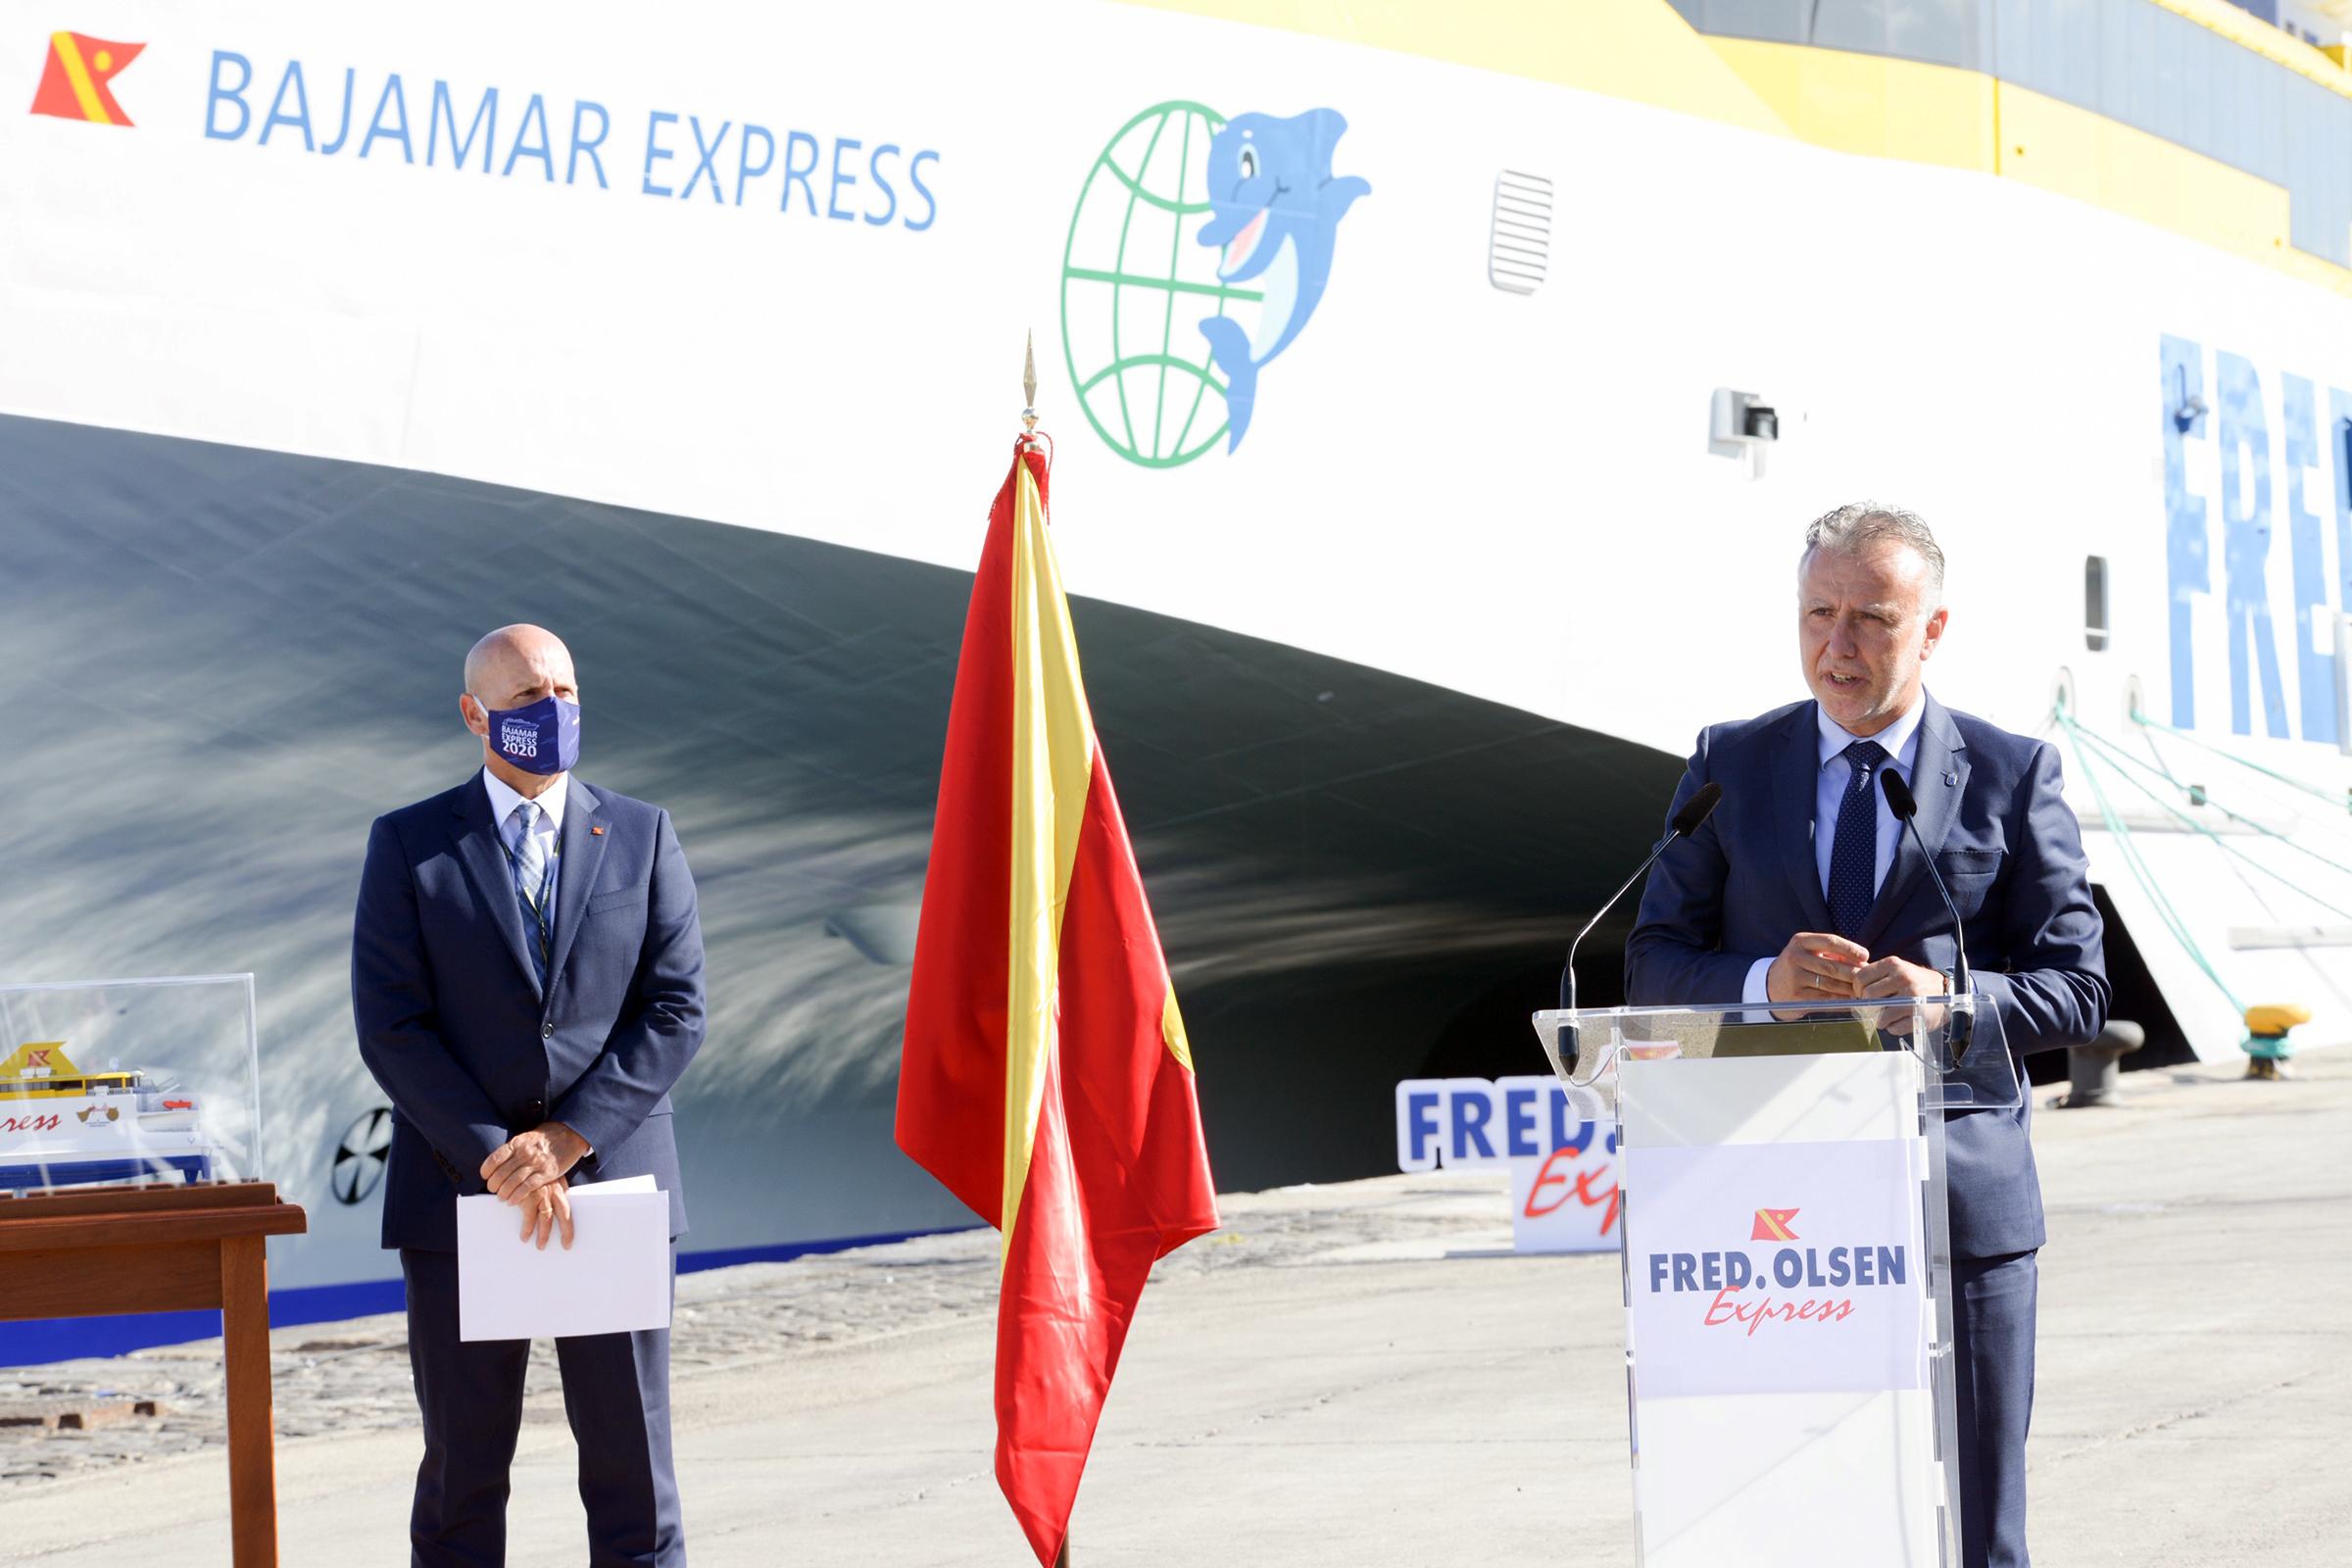 Presentación del buque Bajamar Express de Fred Olsen. Canarias